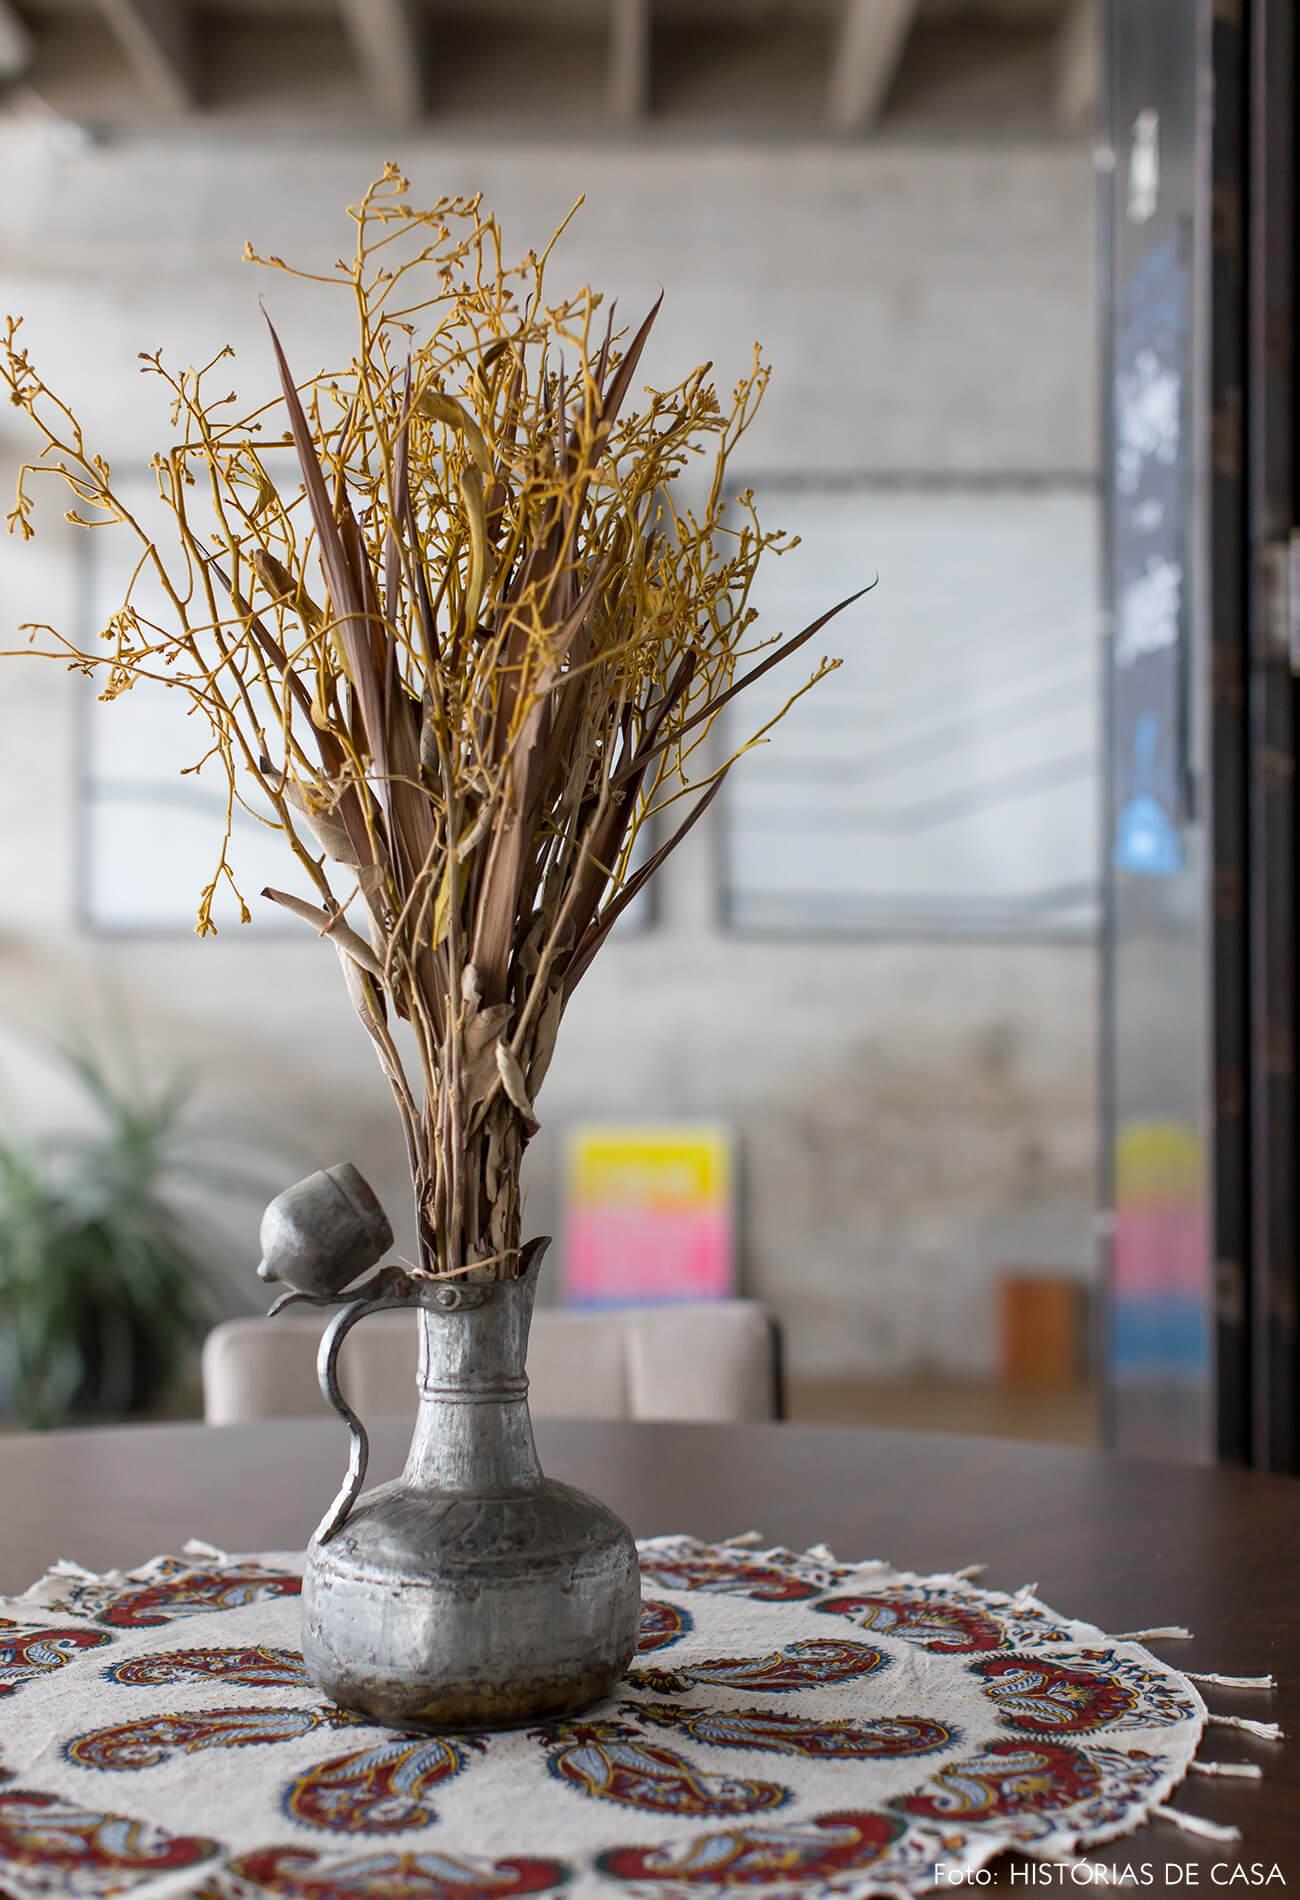 decoração copan detalhe toalha estampada vaso ferro planta